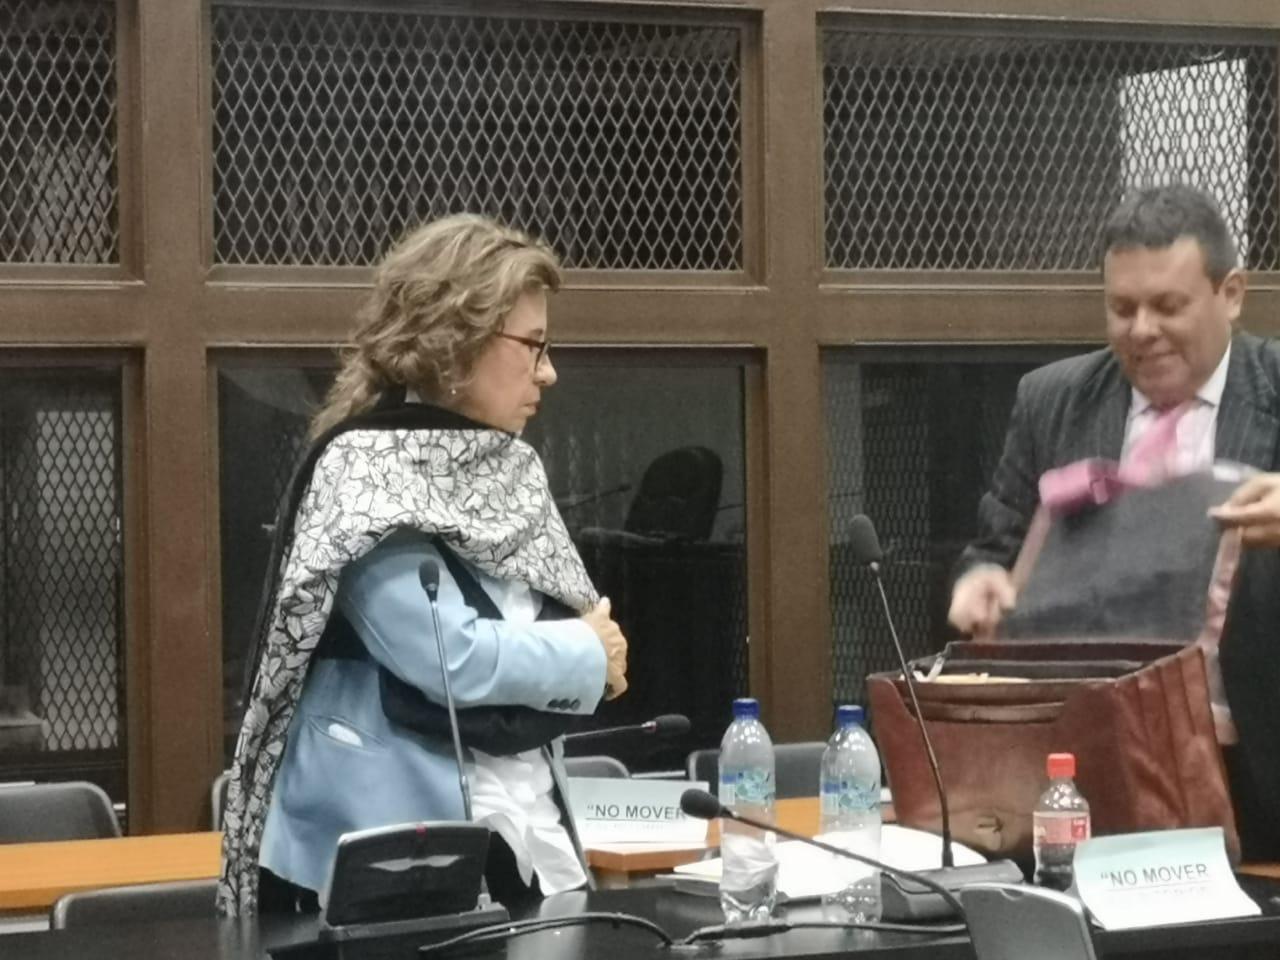 Sandra Torres se retira del juzgado con un cabestrillo en el brazo izquierdo.